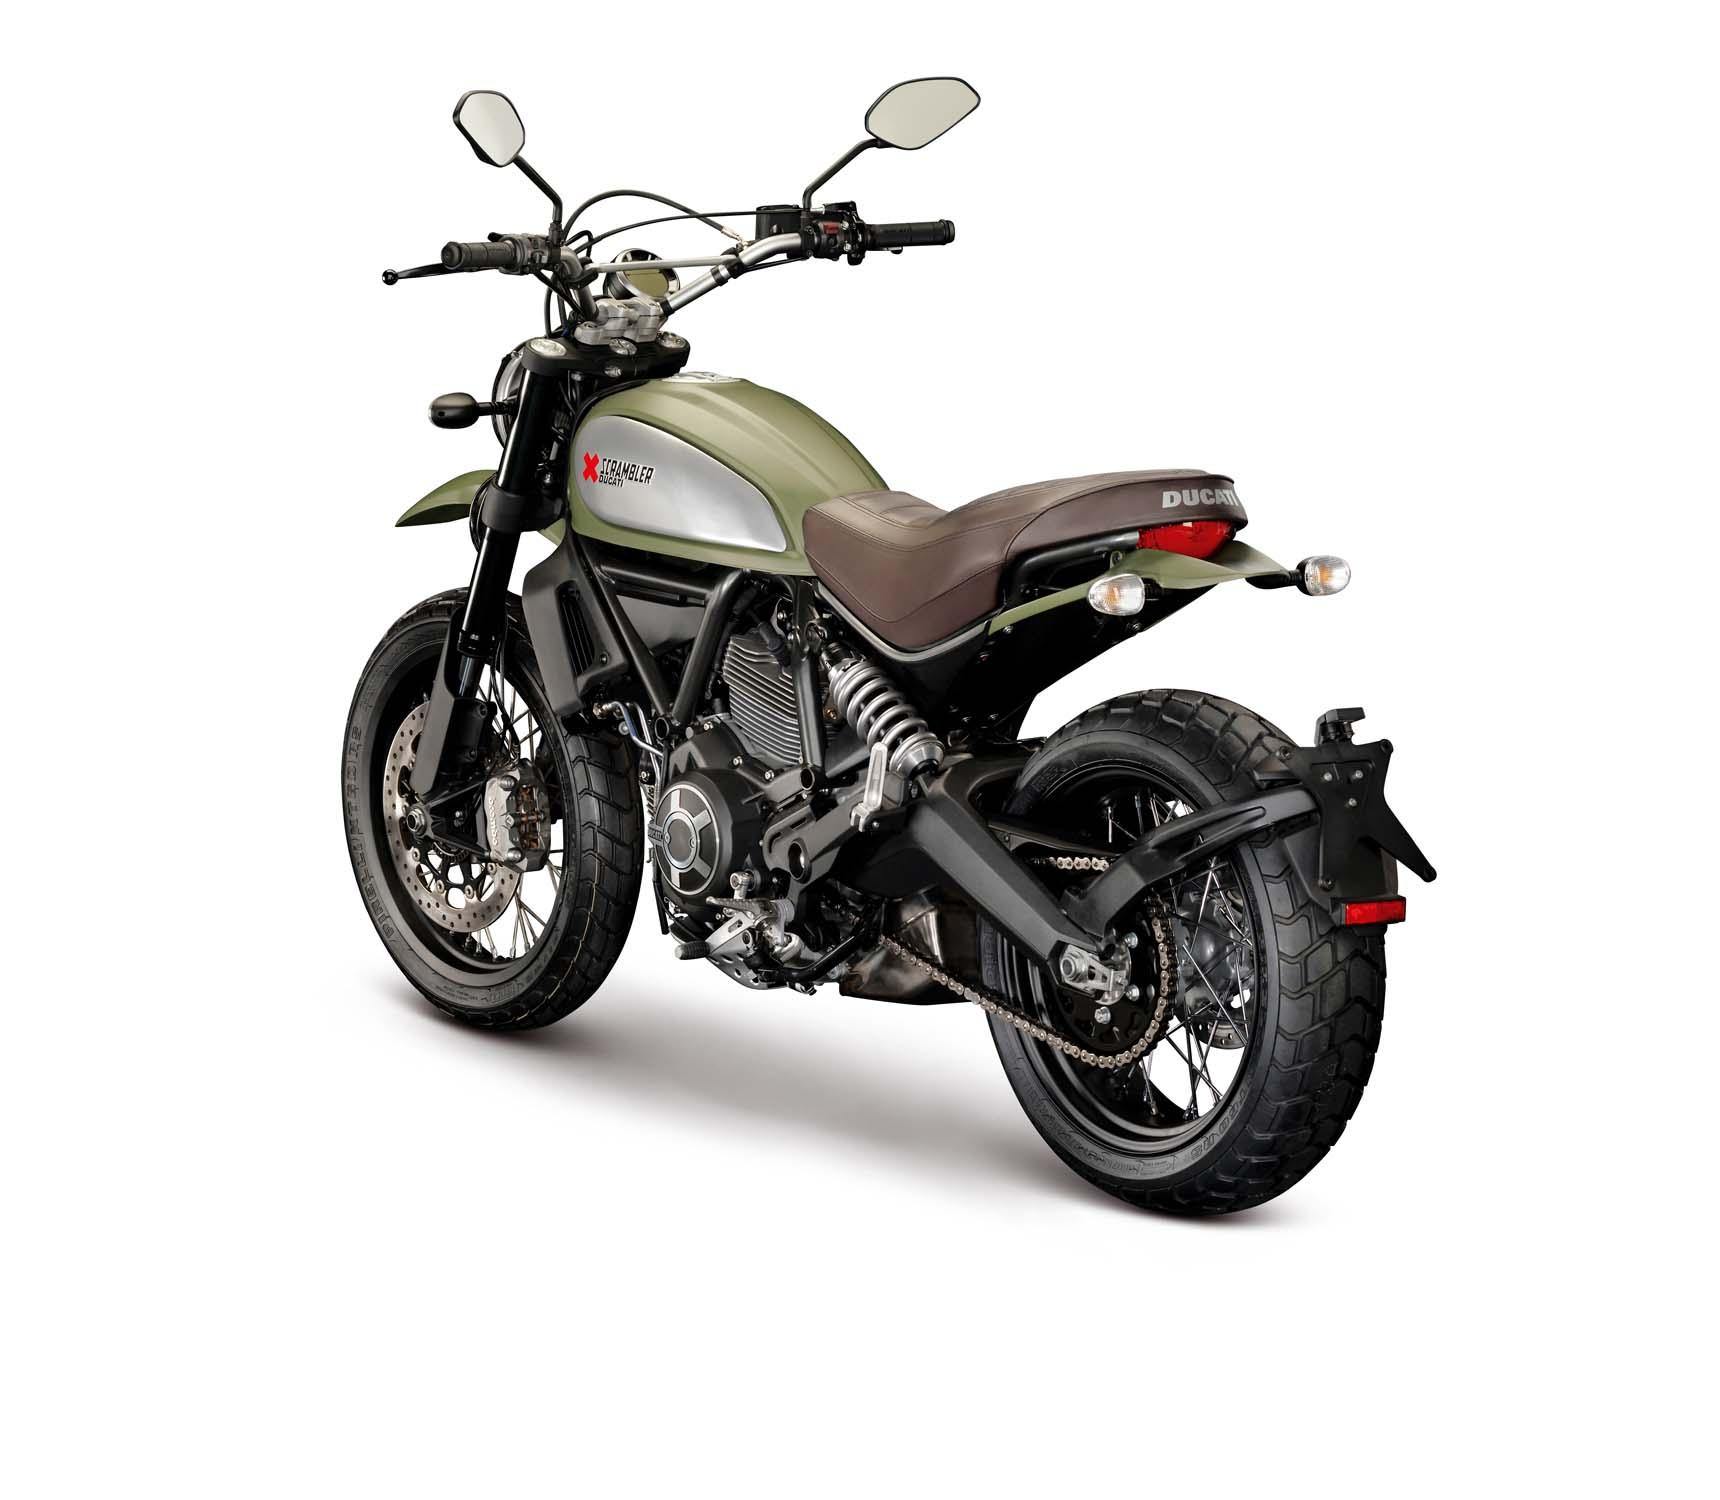 Ducati Scrambler Starter Bike